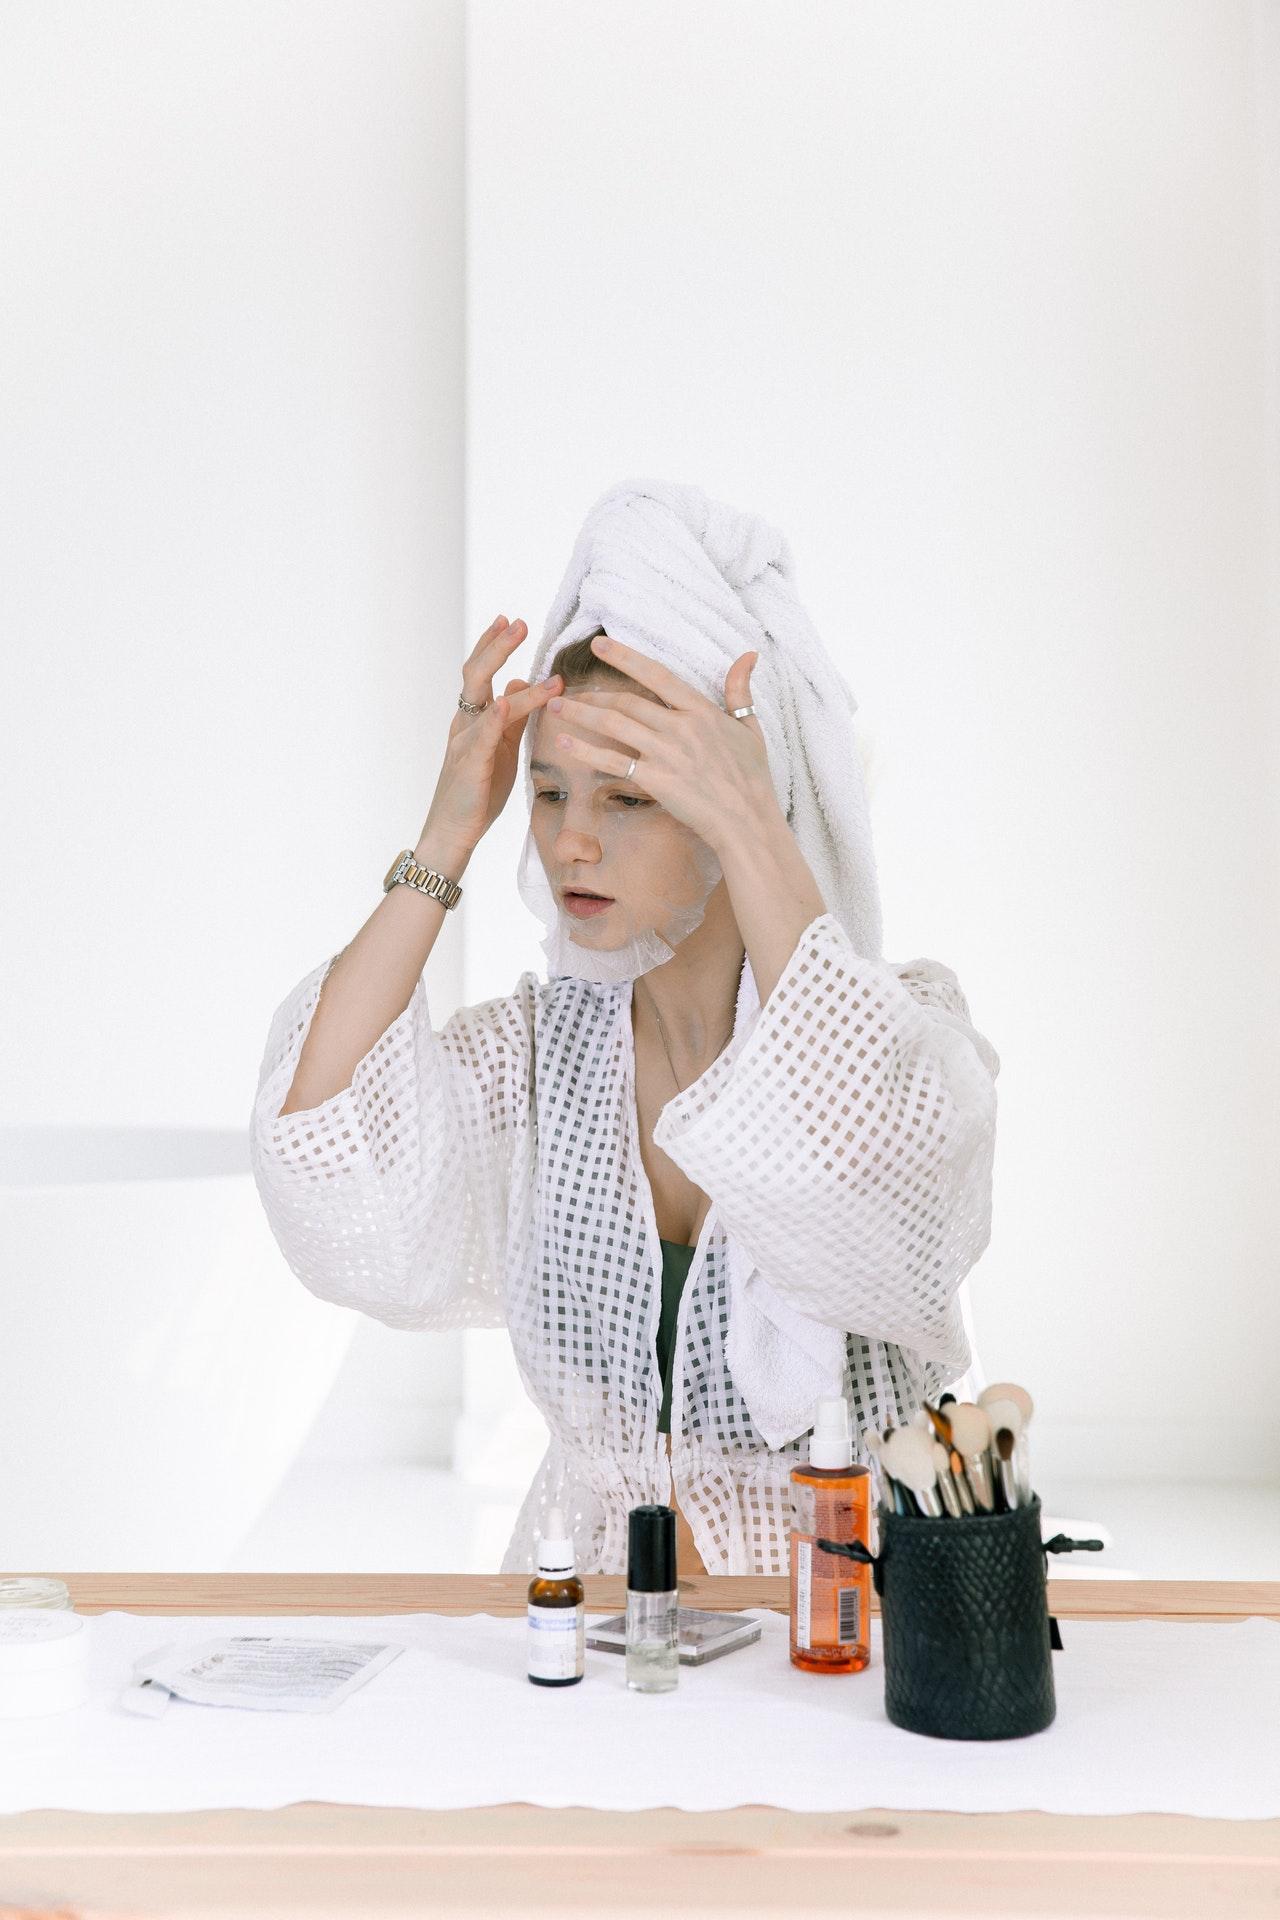 Cómo utilizar aloe vera para las arrugas